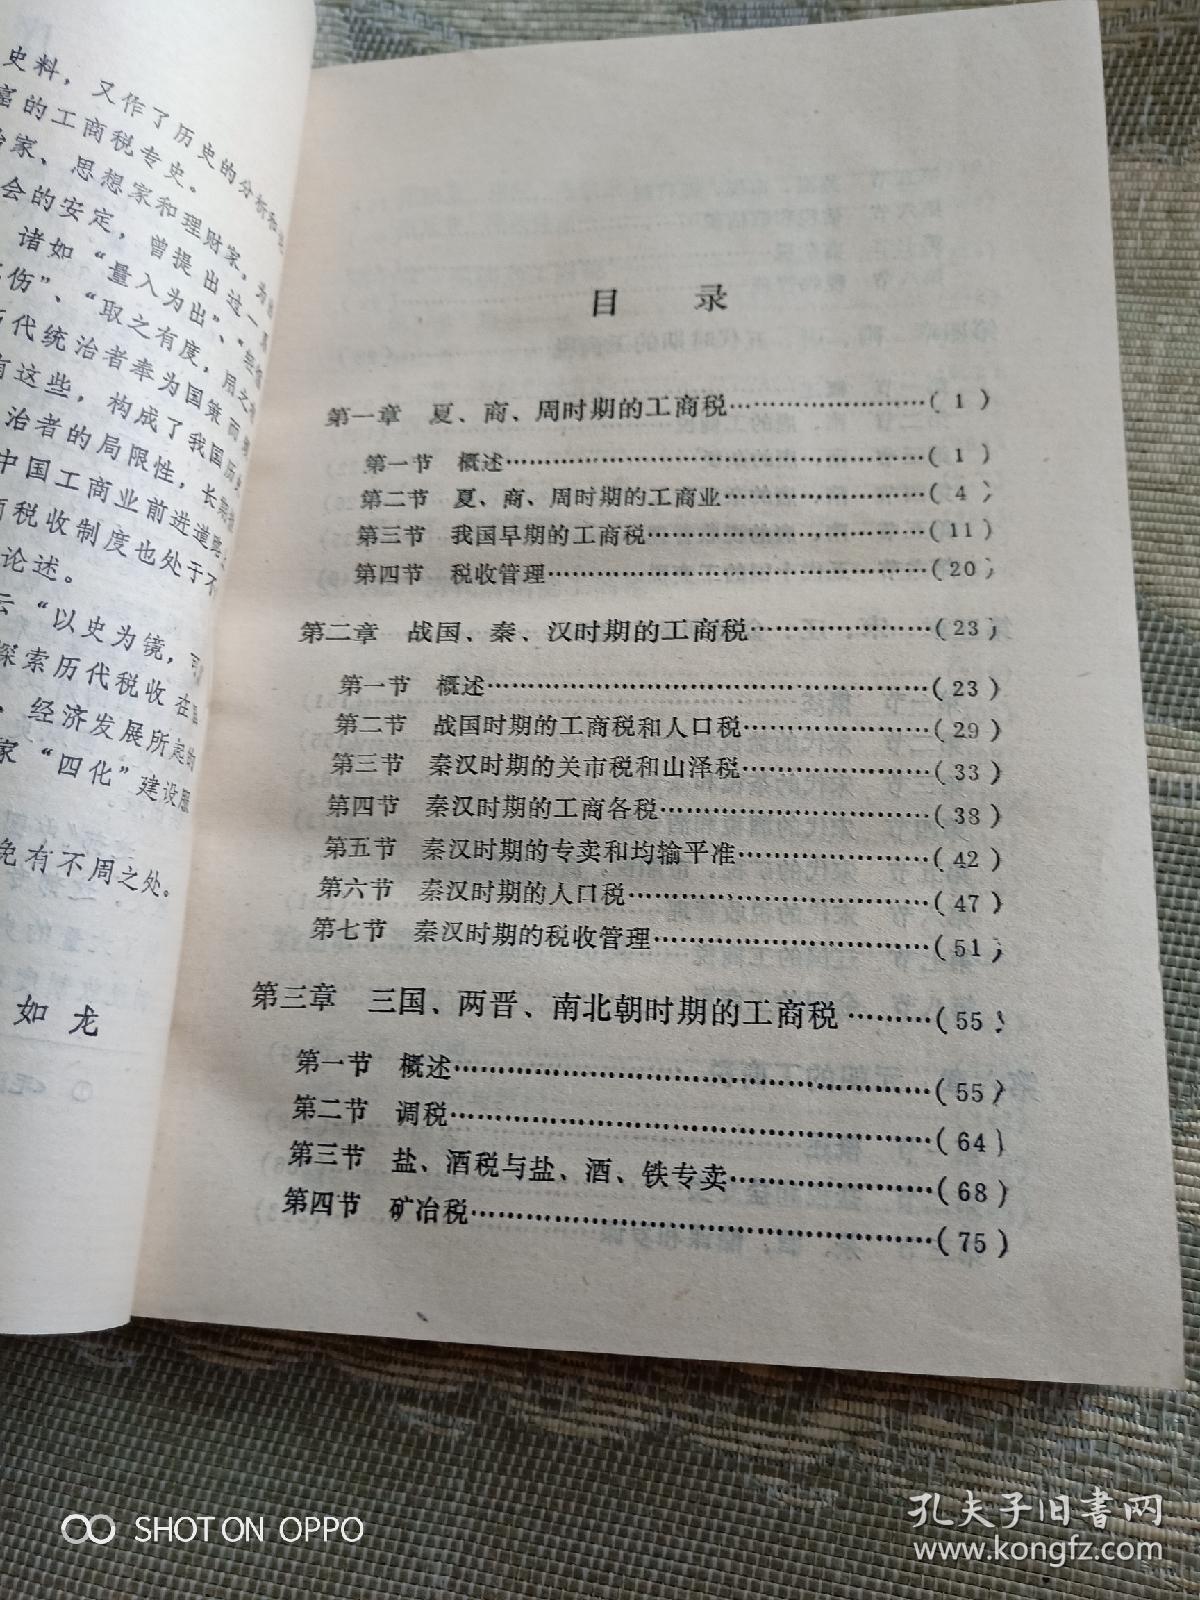 1990发展中国家经济总量排名_刘嘉玲1990绑架案图片